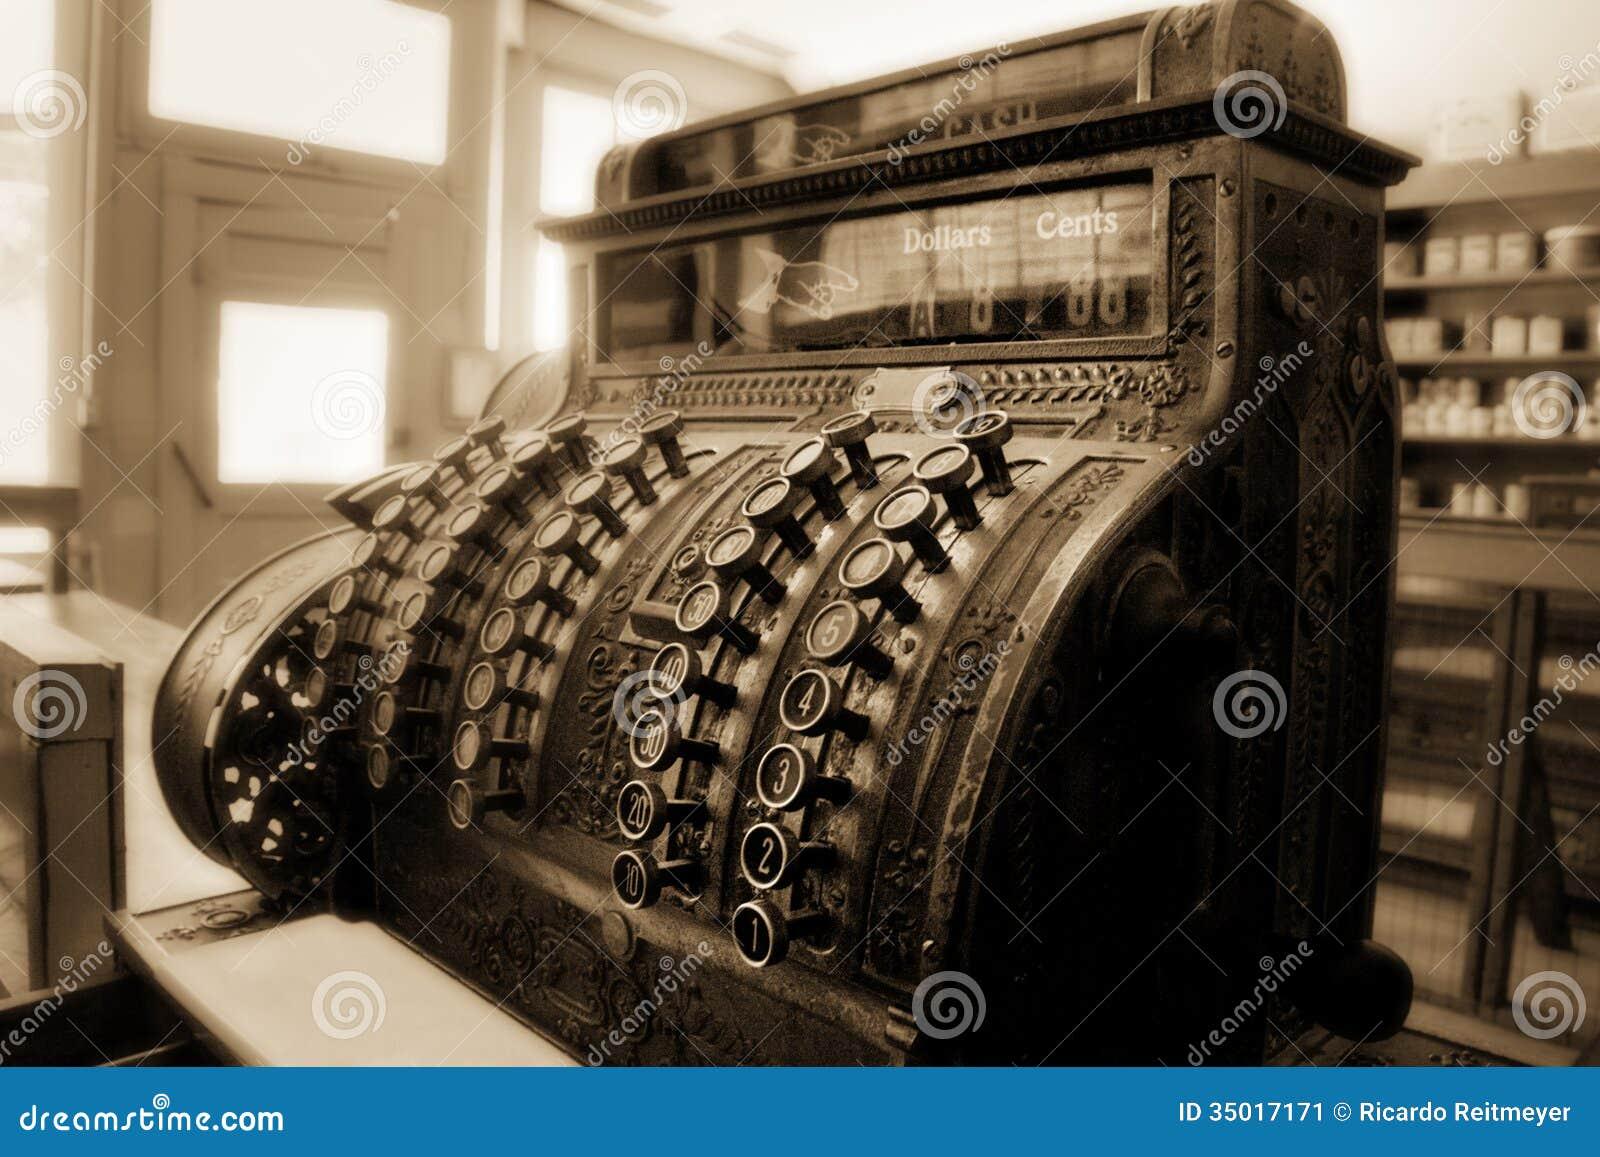 Caixa registadora antiquado ainda Doing Business